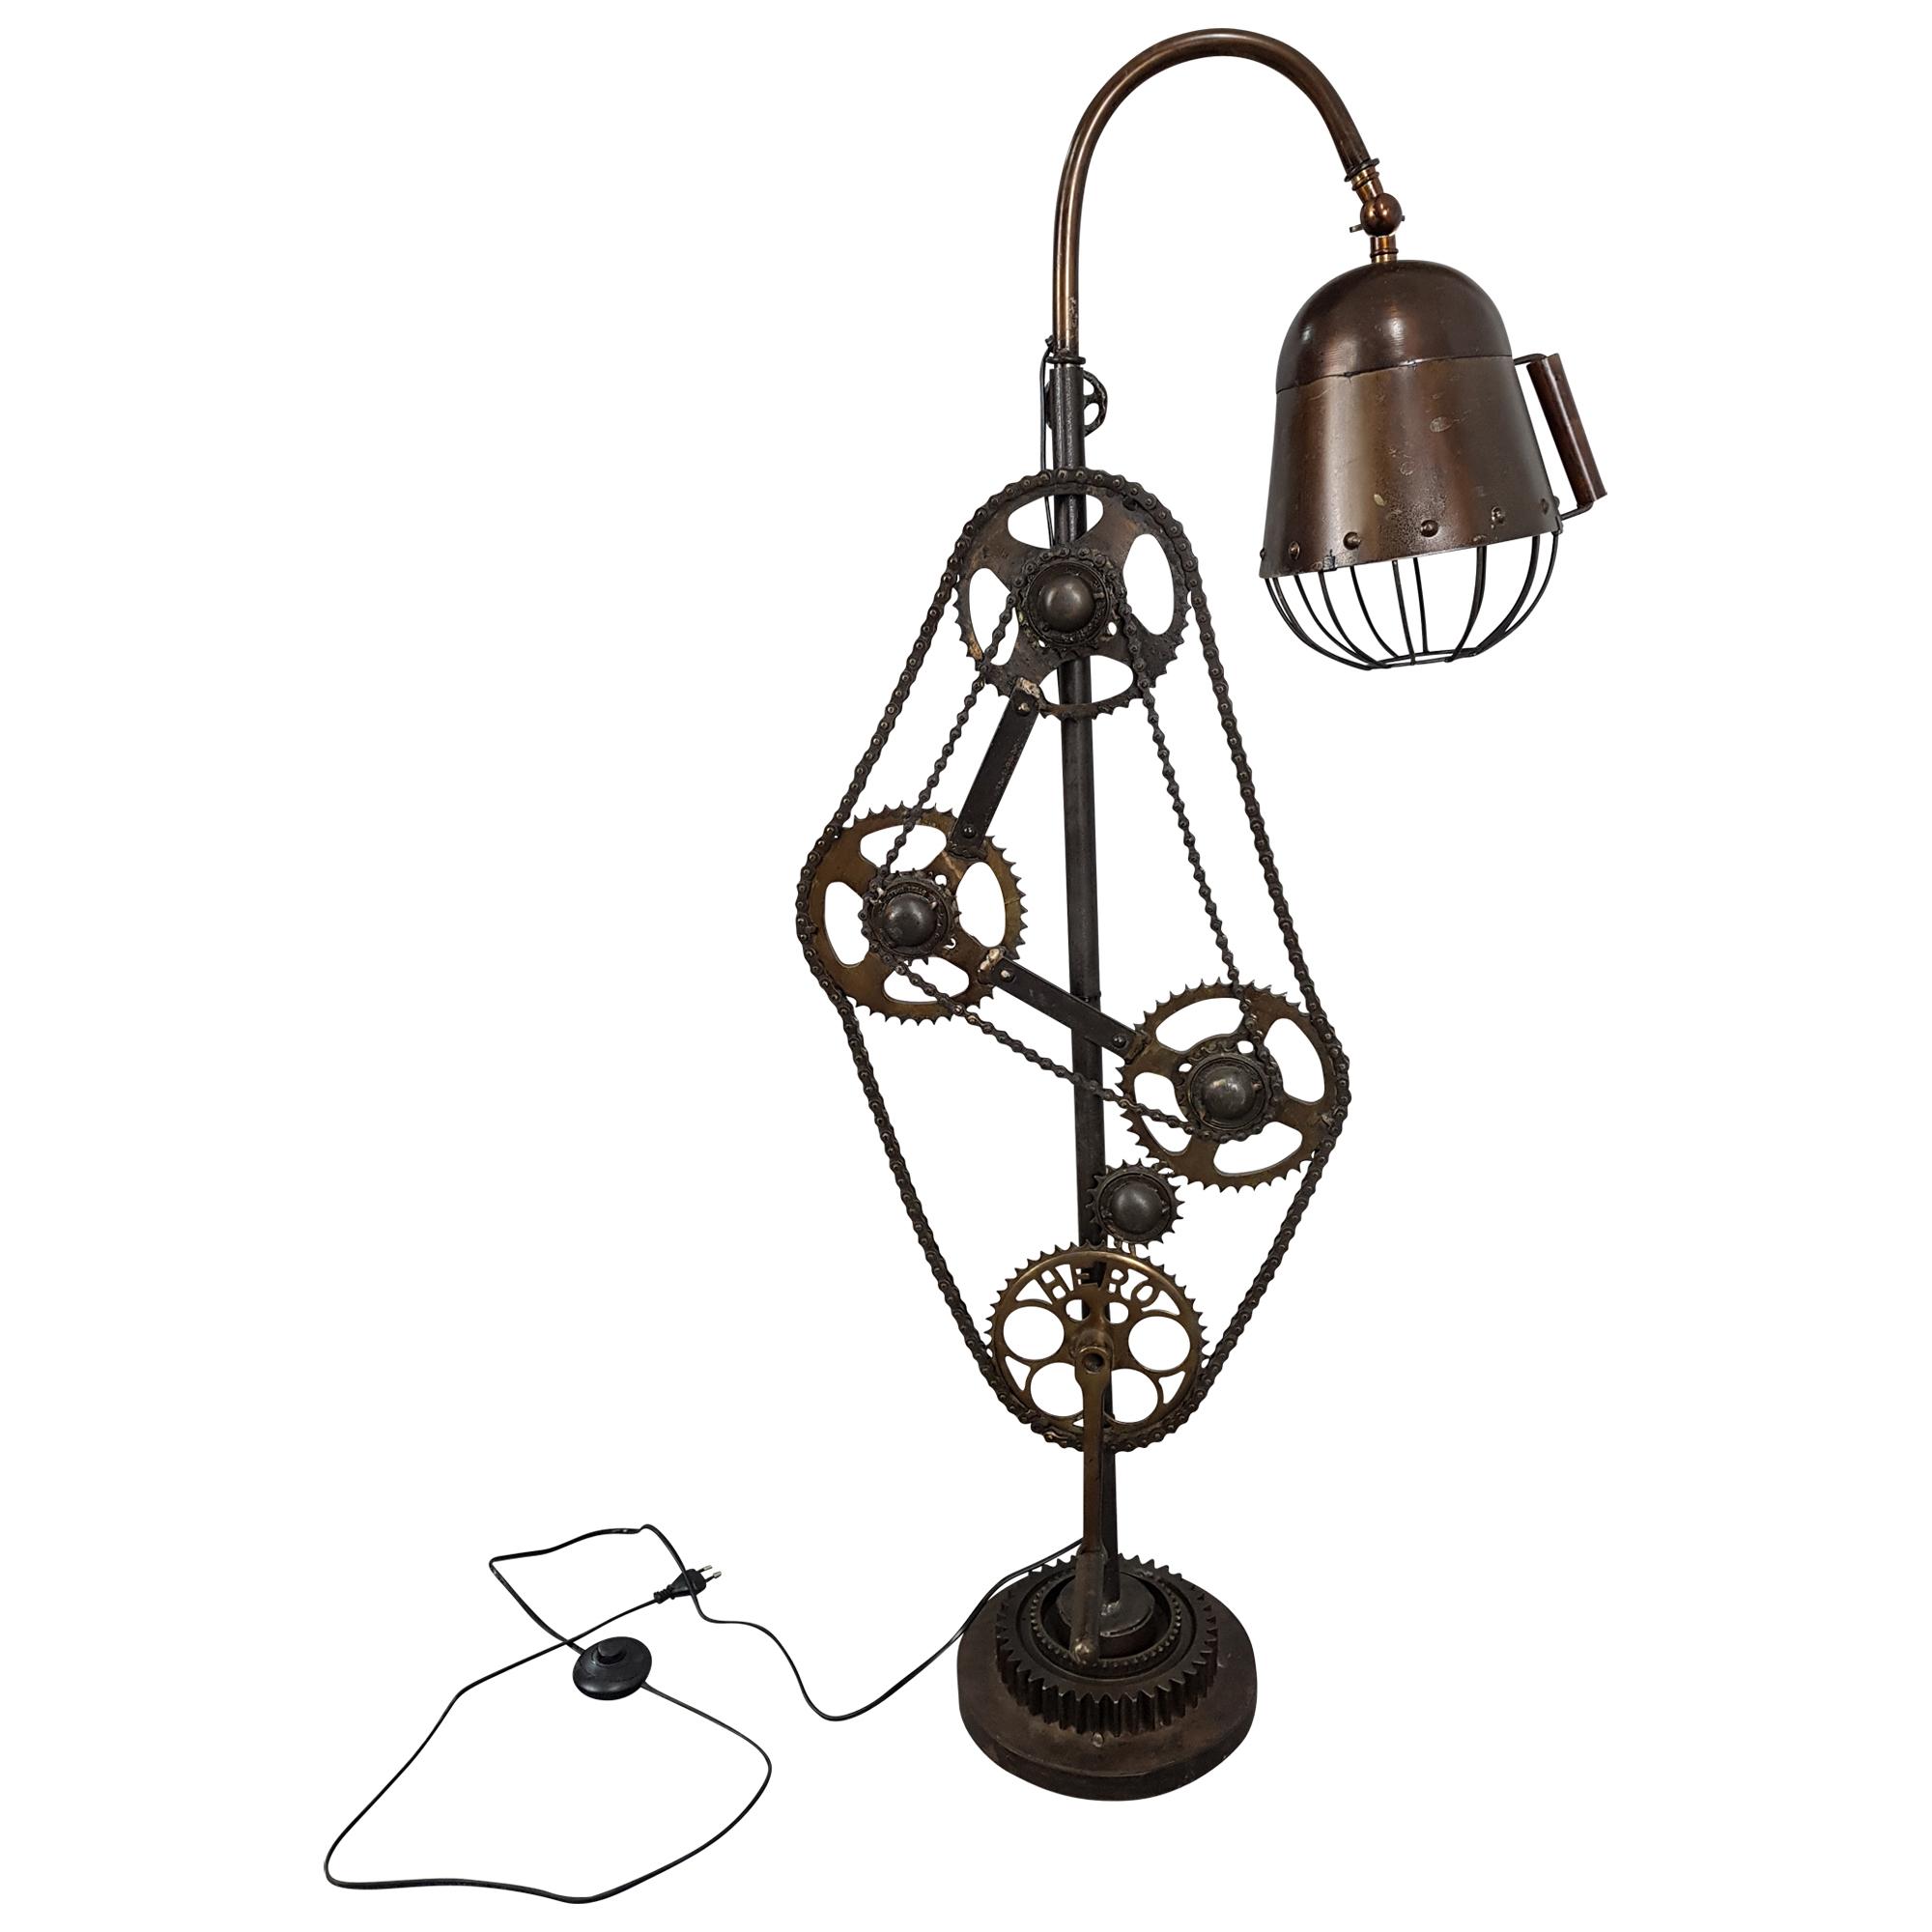 Stehlampe Leuchte Steampunk Pipe Industrial Industrie Retro